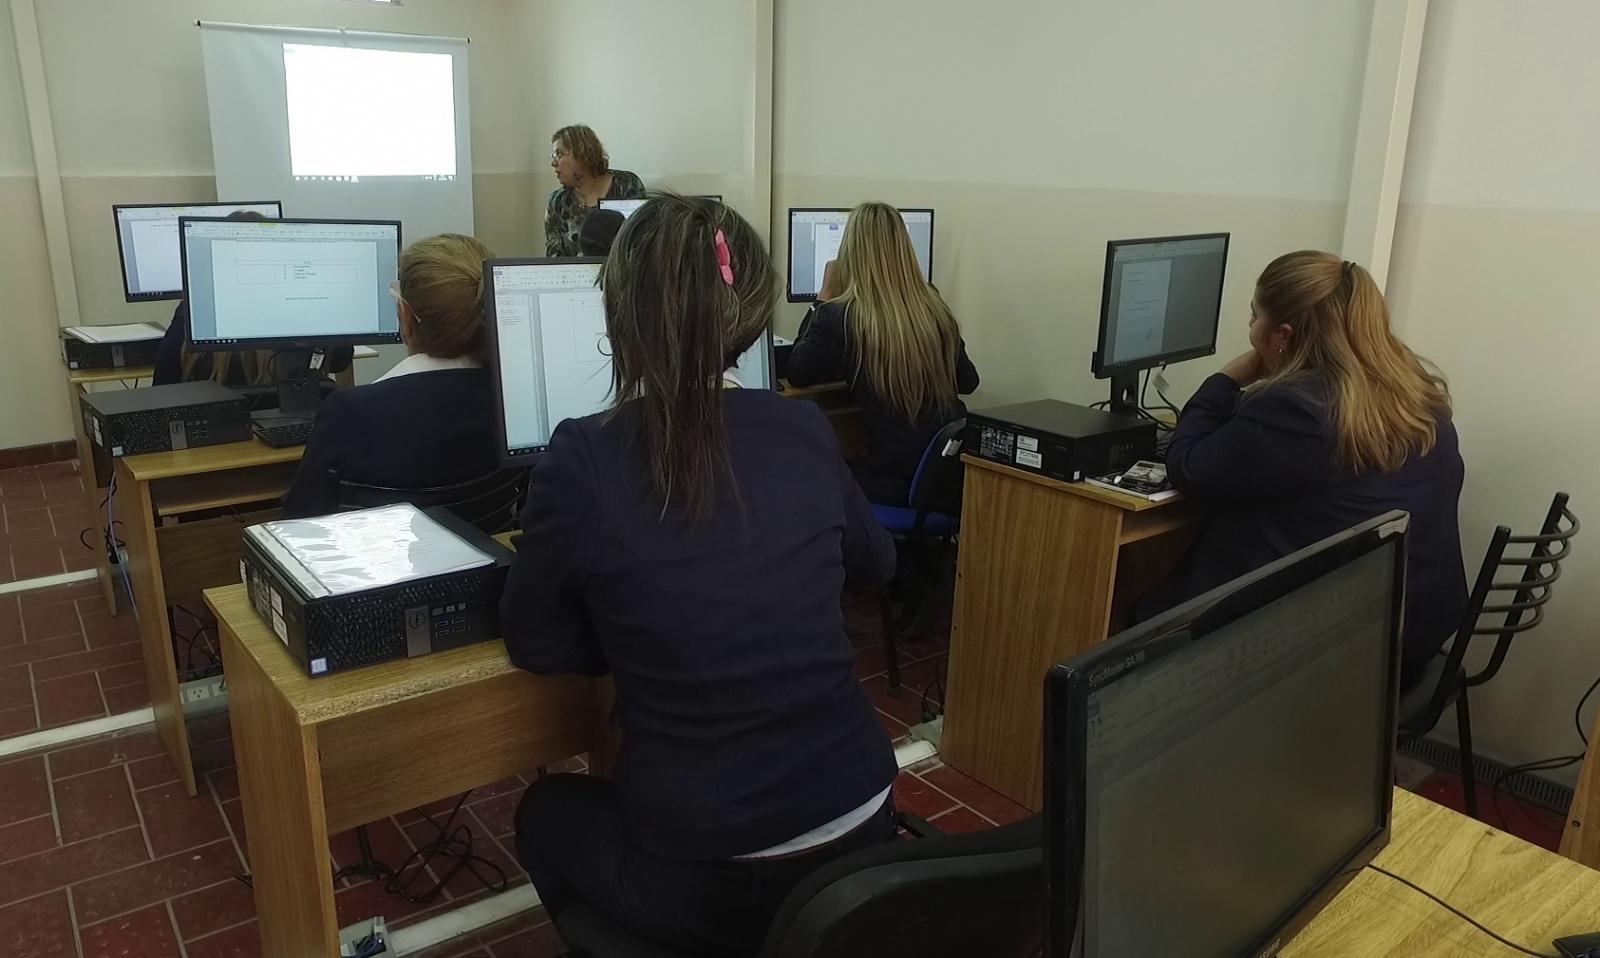 Suman capacitaci n y equipamiento en las oficinas de empleo de santa luc a canal 13 san juan tv - Oficinas santa lucia madrid ...